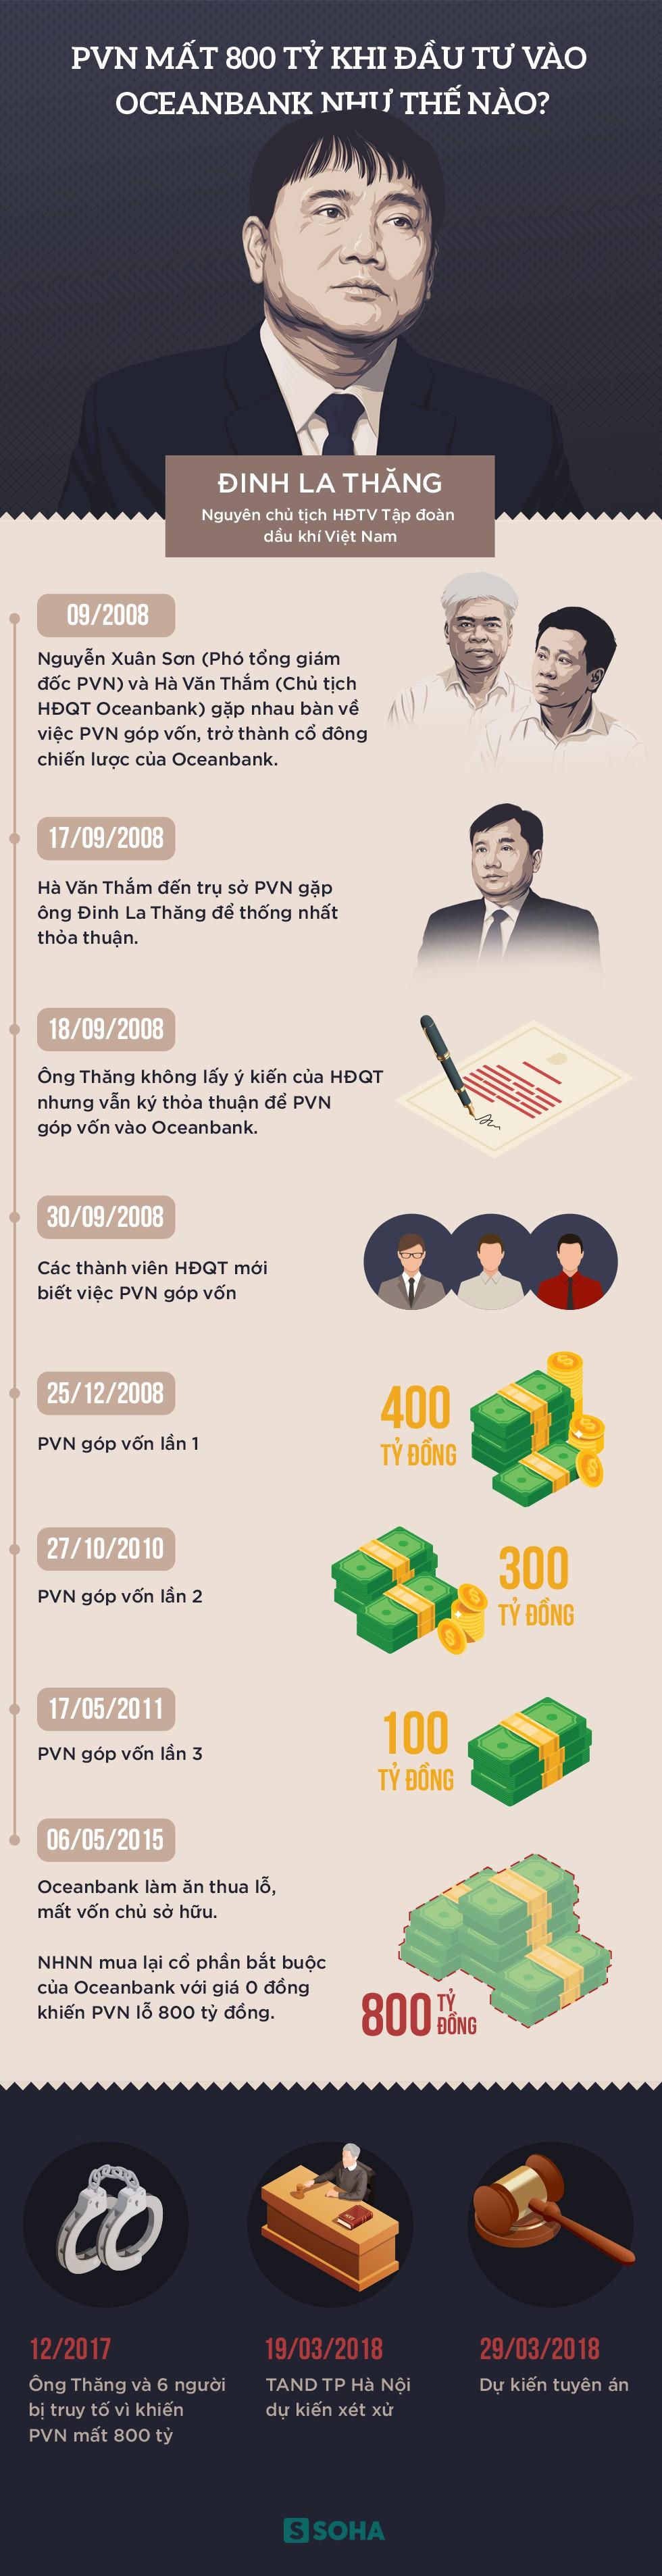 Ông Đinh La Thăng liên quan gì đến vụ PVN mất 800 tỷ khi đầu tư vào Oceanbank 1